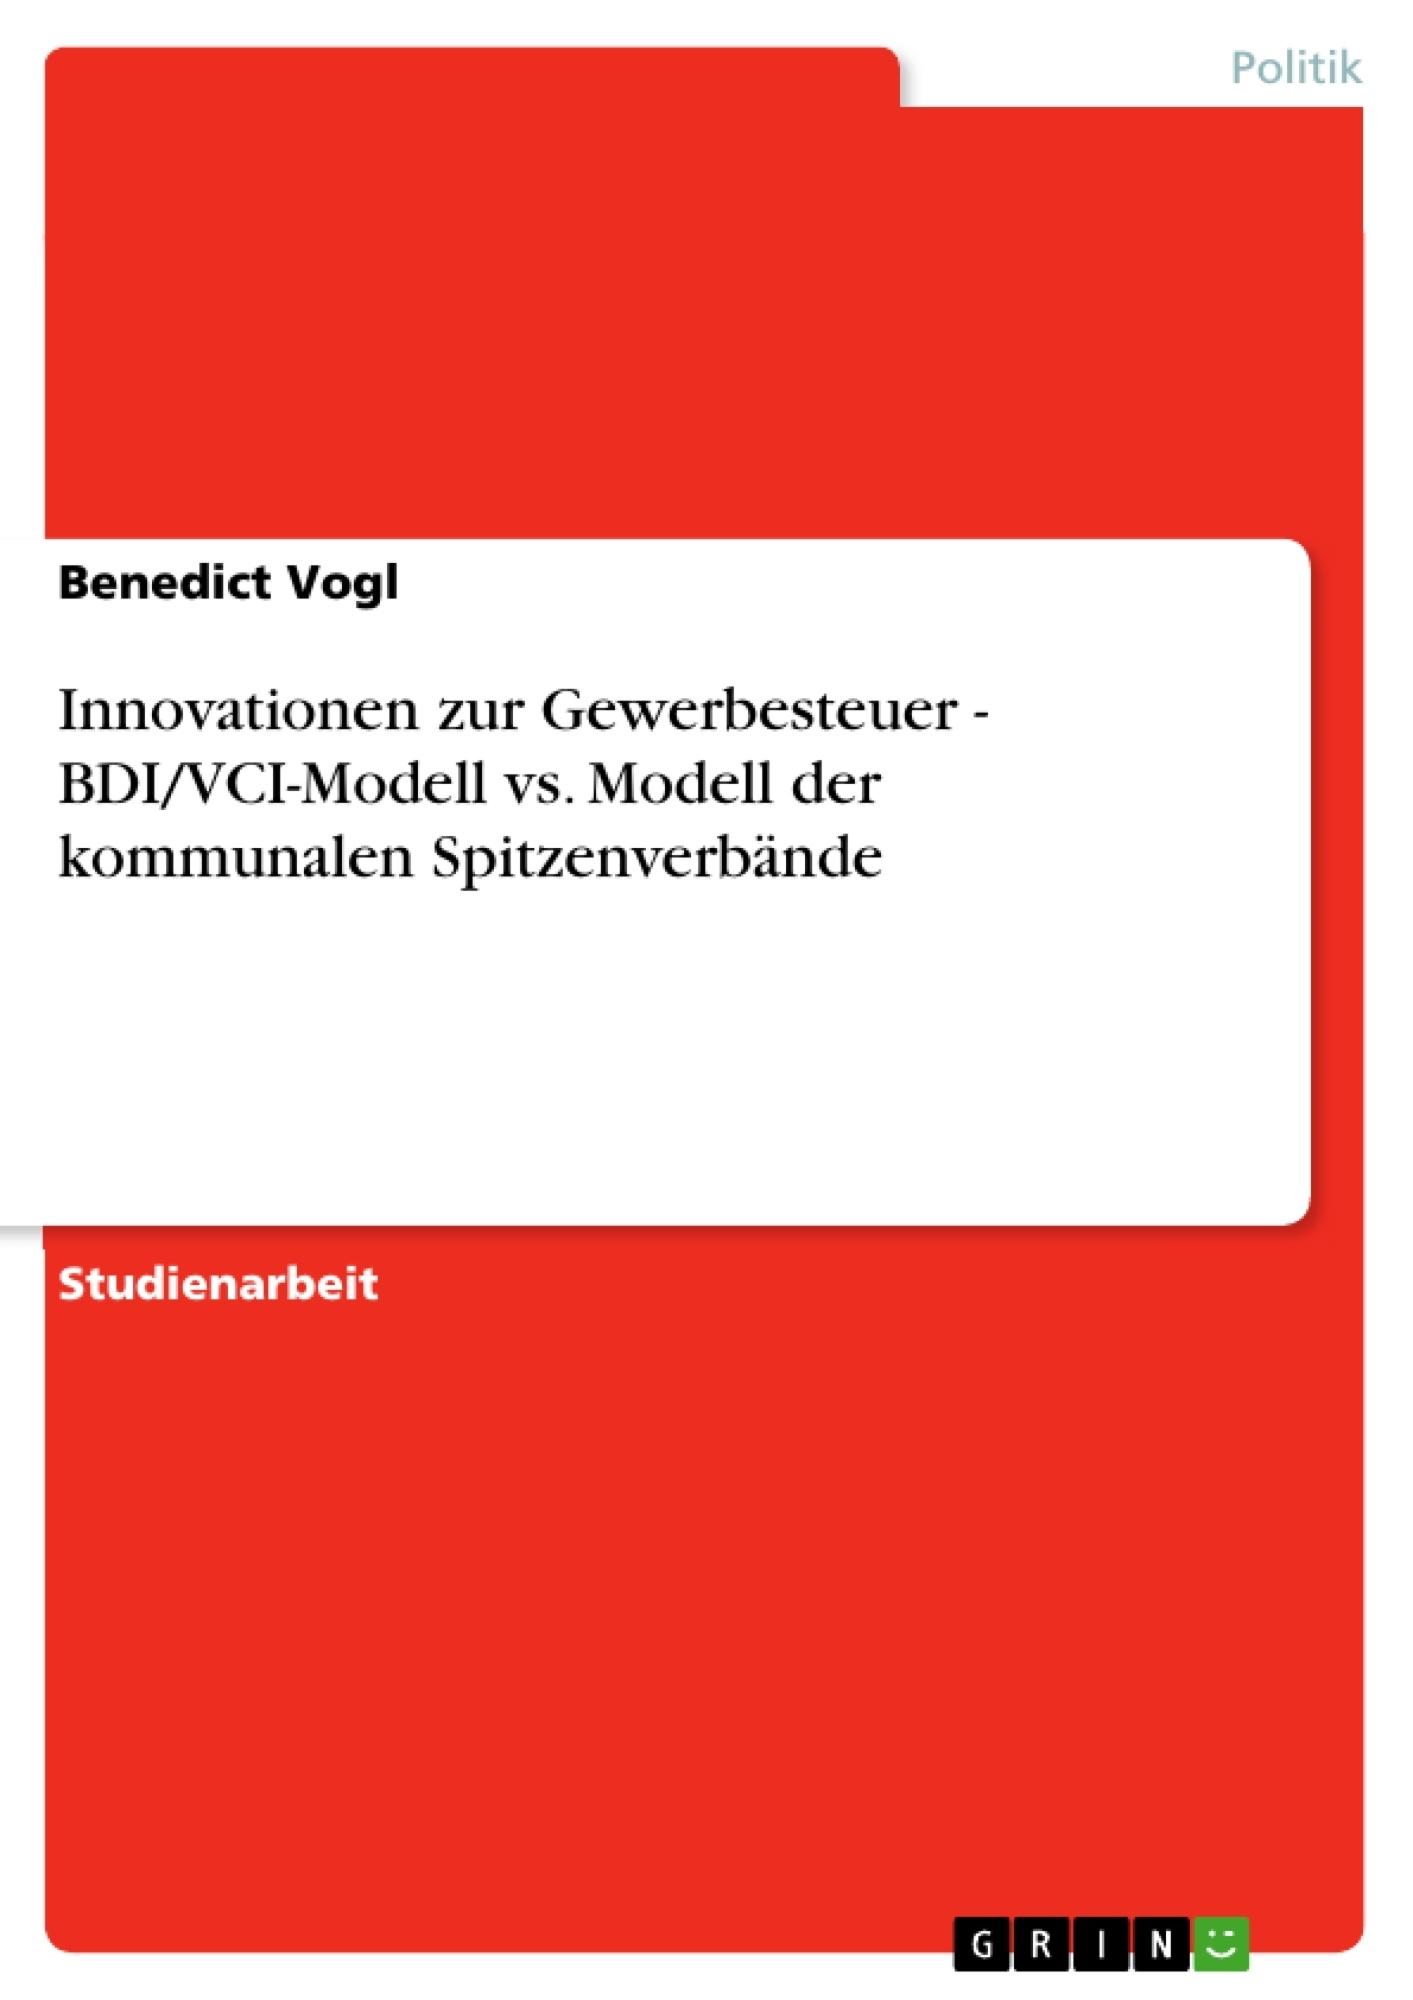 Titel: Innovationen zur Gewerbesteuer - BDI/VCI-Modell vs. Modell der kommunalen Spitzenverbände